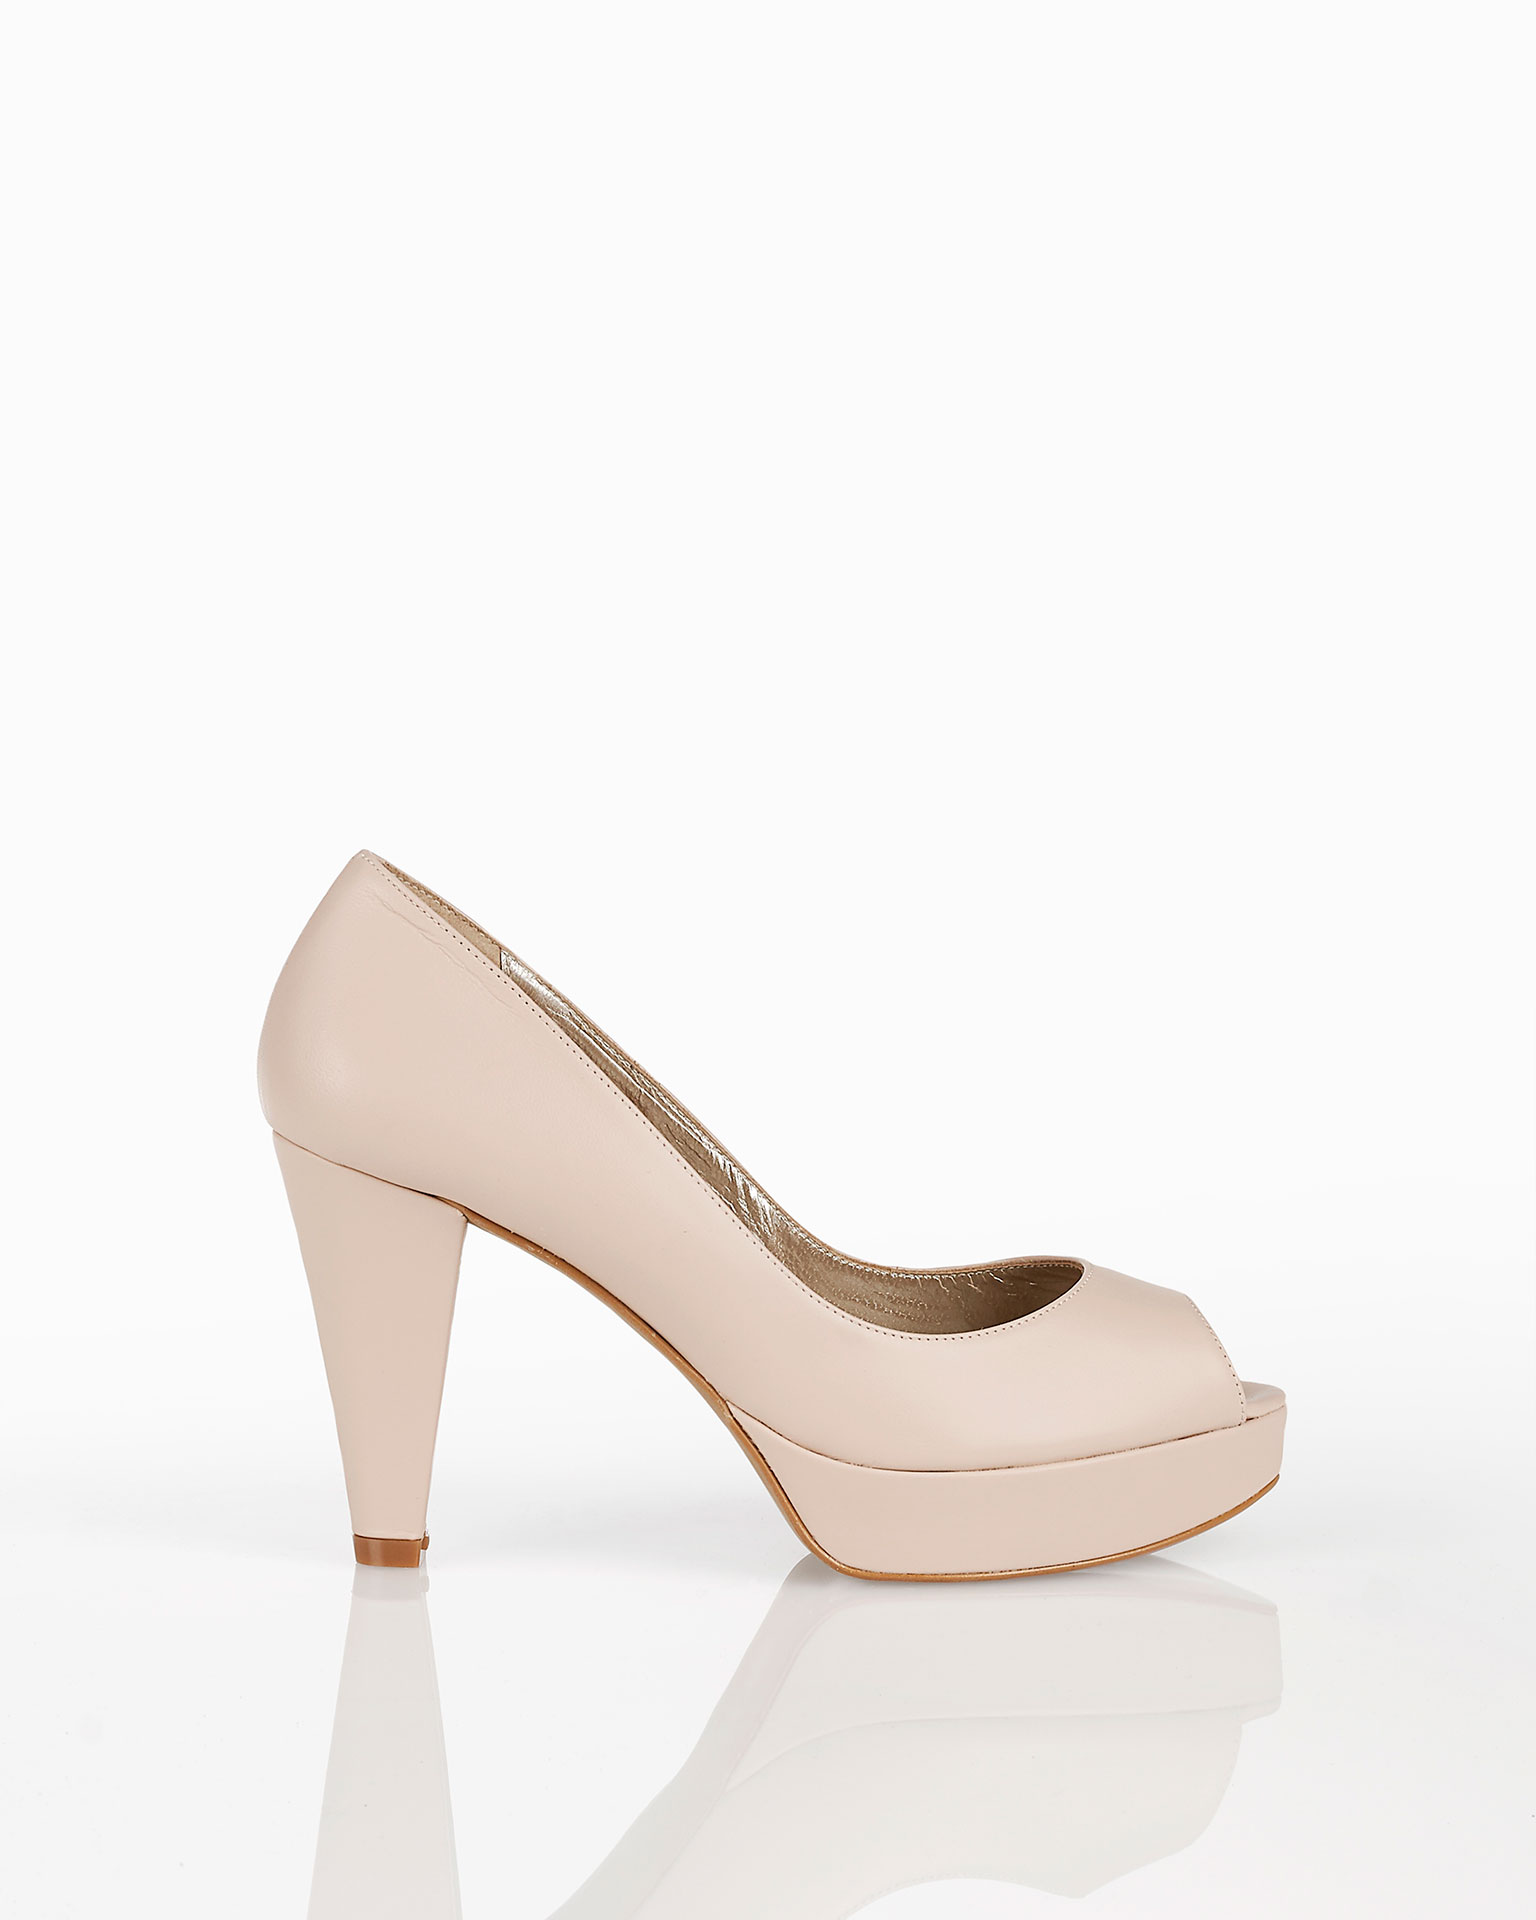 高跟鱼嘴皮革新娘厚底鞋,有米白色、银色、裸色和金色可选。 AIRE BARCELONA 新品系列 2019.